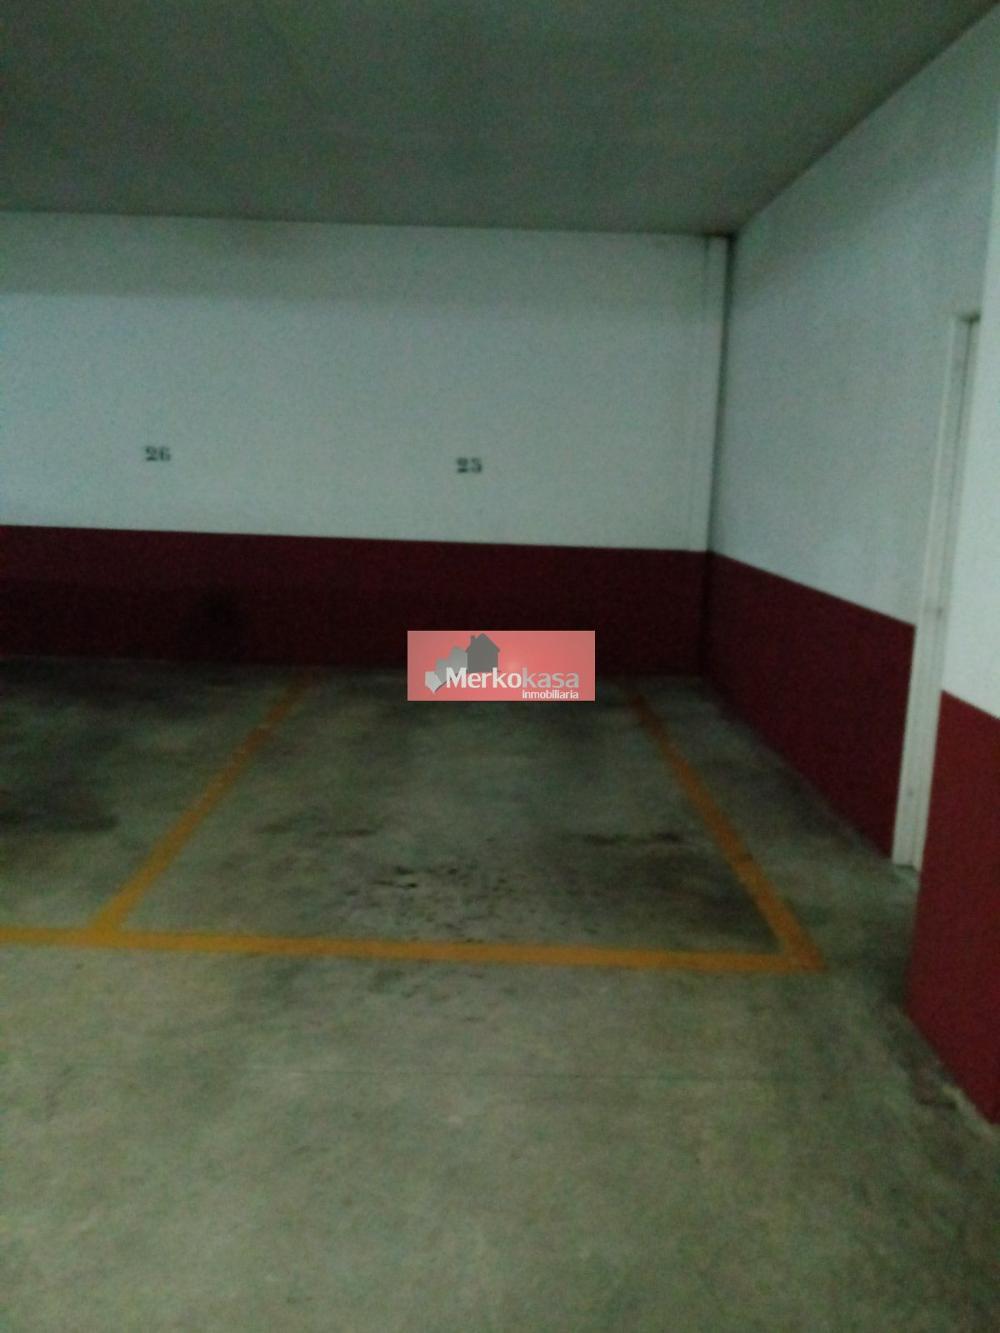 campiña urb. lugo  Parkplatz foto 3315795